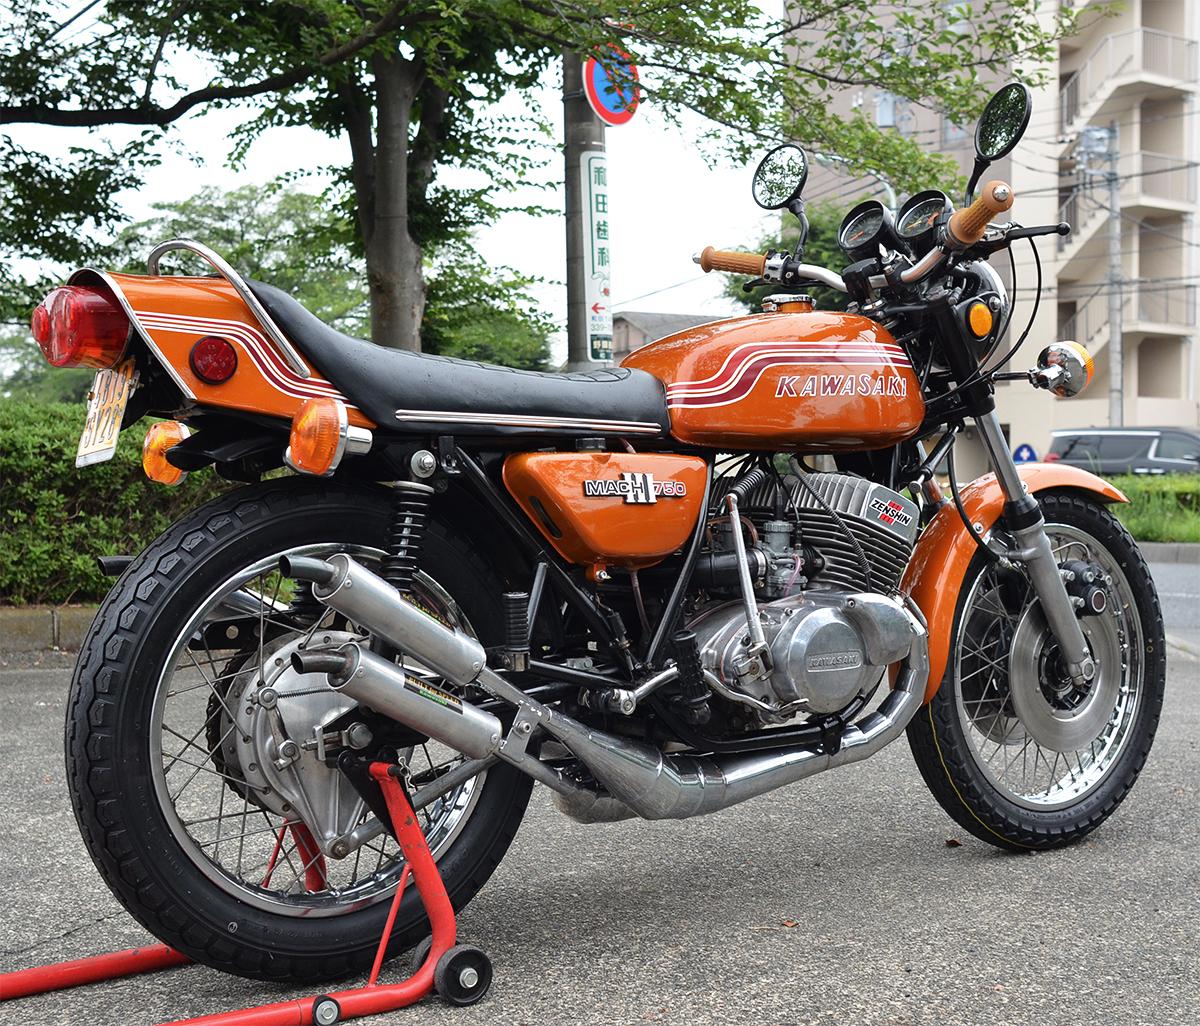 Kawasaki750SS H2 マッハⅢ 1972年型 初期型6000番台 キャンディゴールド 逆輸入 国内新規3年車検 マッハ KA SS S1 S2 H1 H2 KH 全国配送_画像3